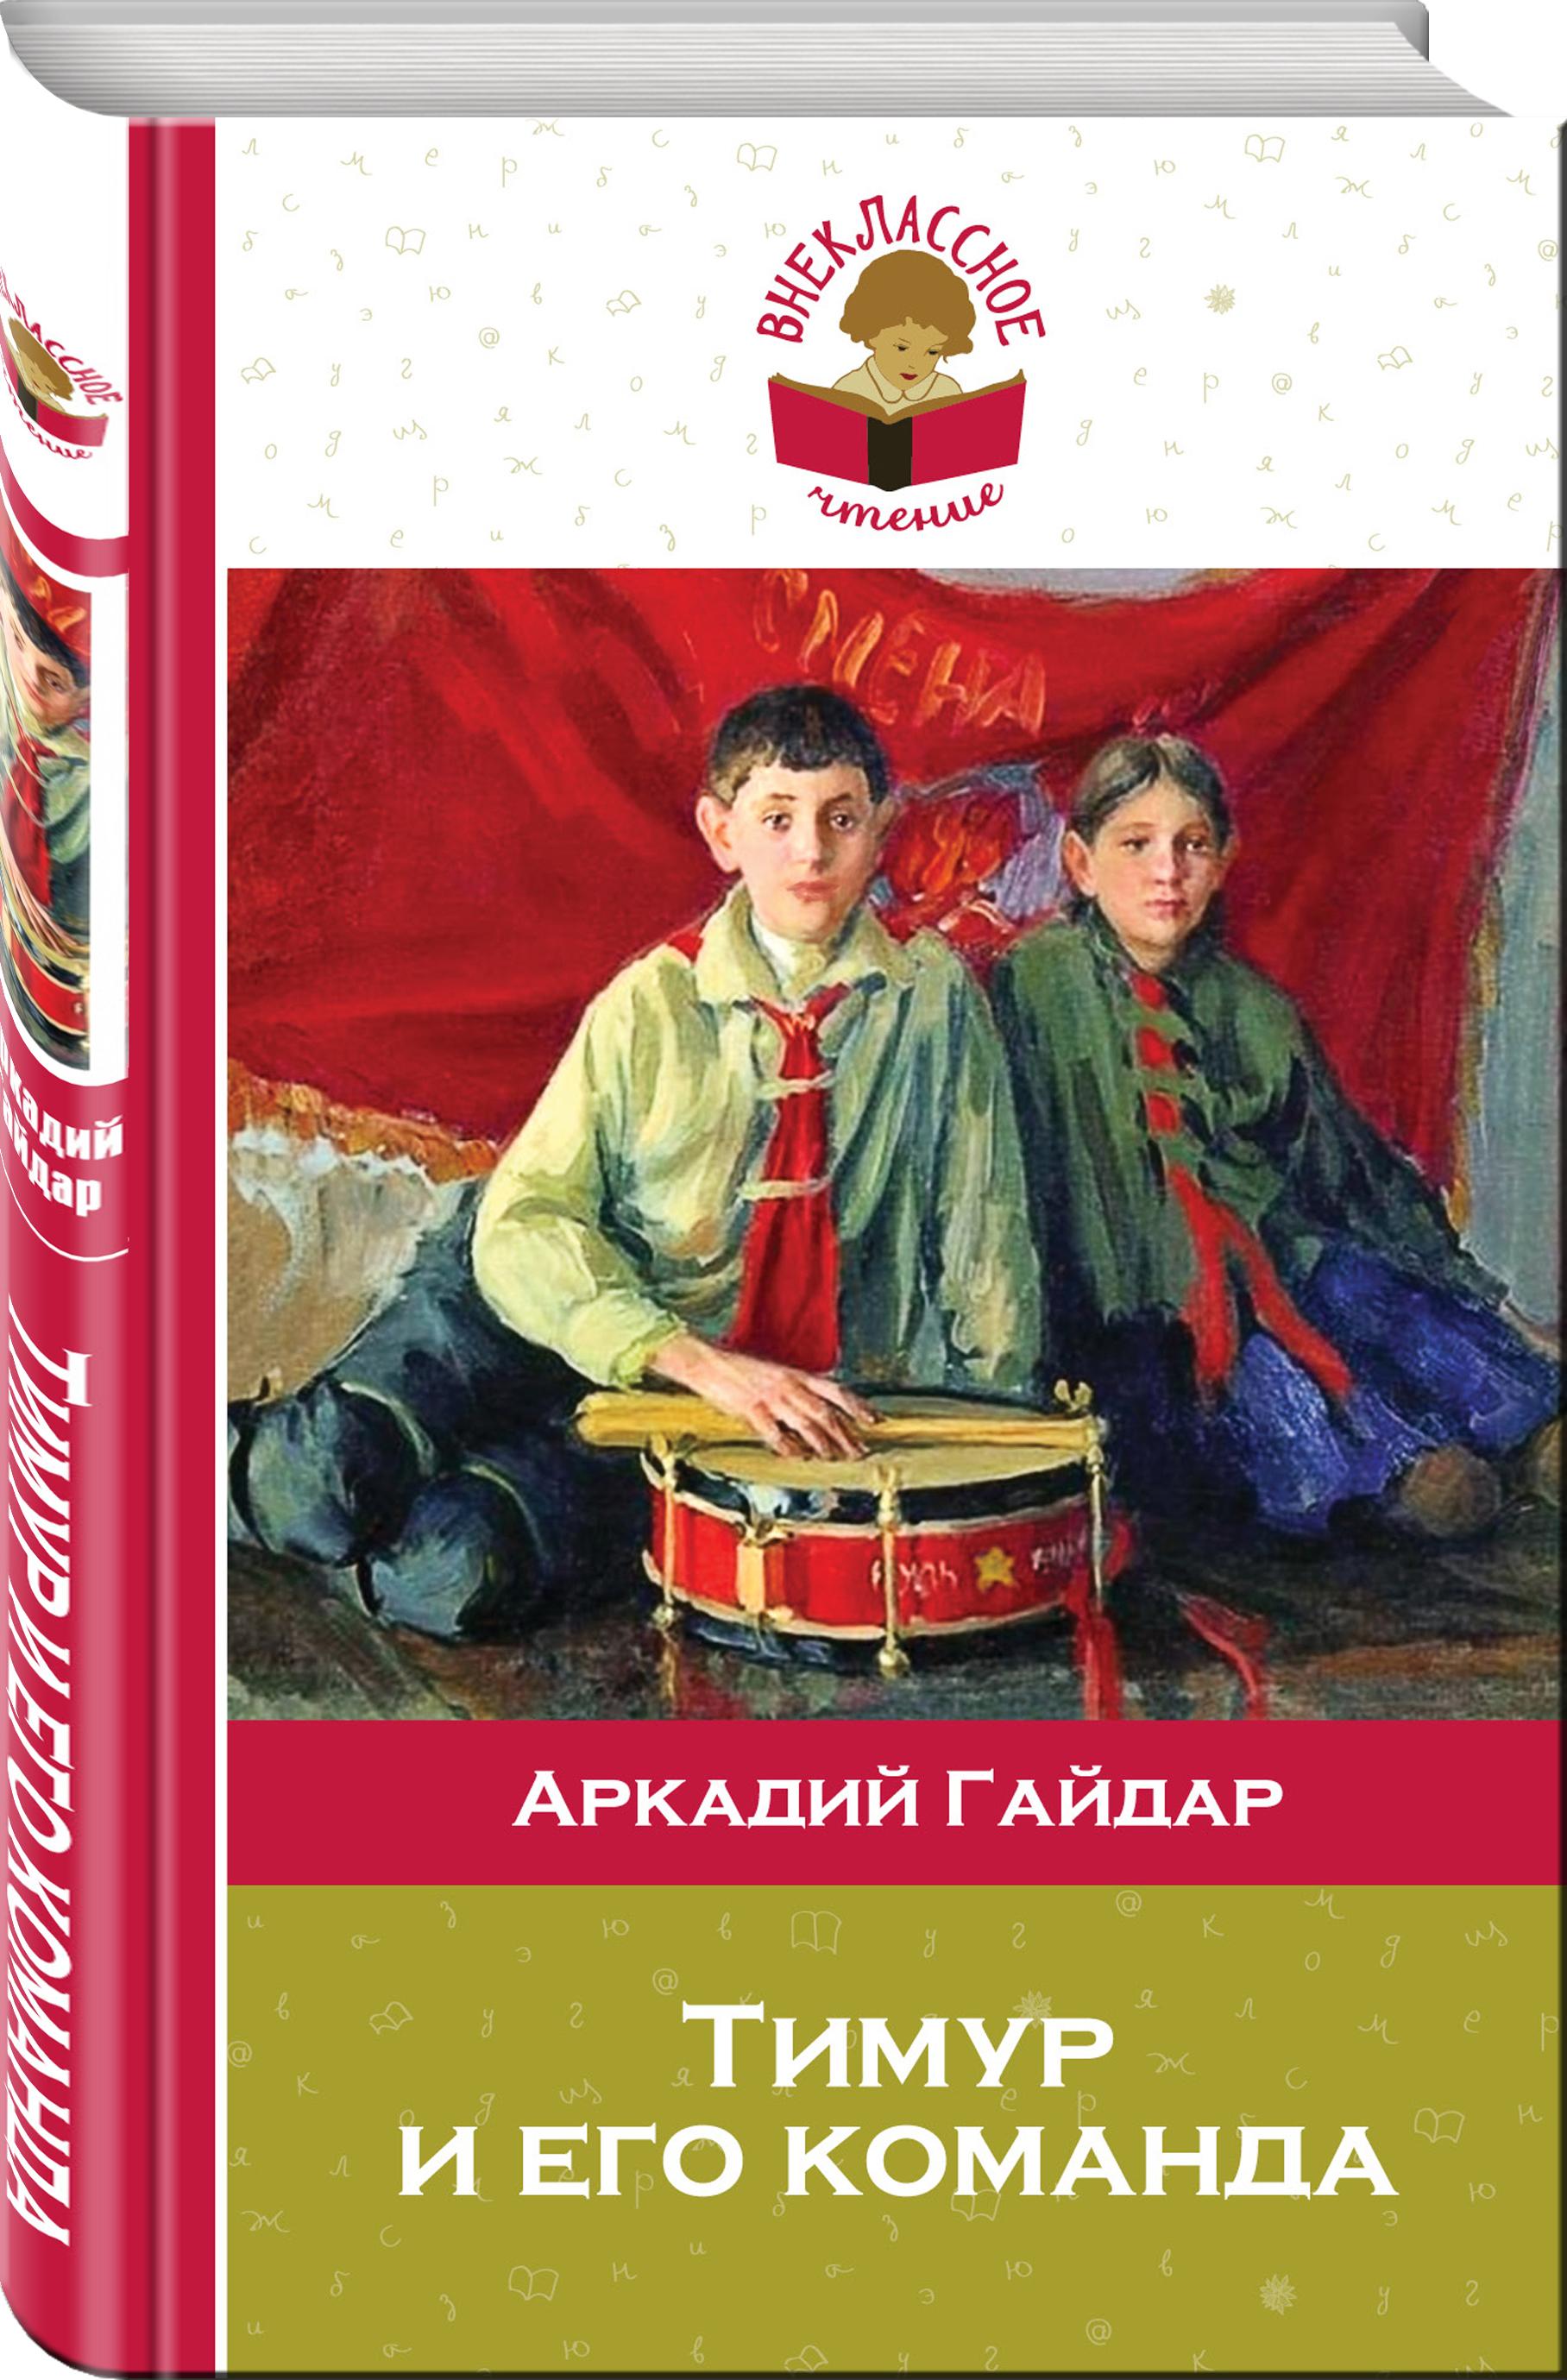 Аркадий Гайдар Тимур и его команда аркадий гайдар тимур и его команда